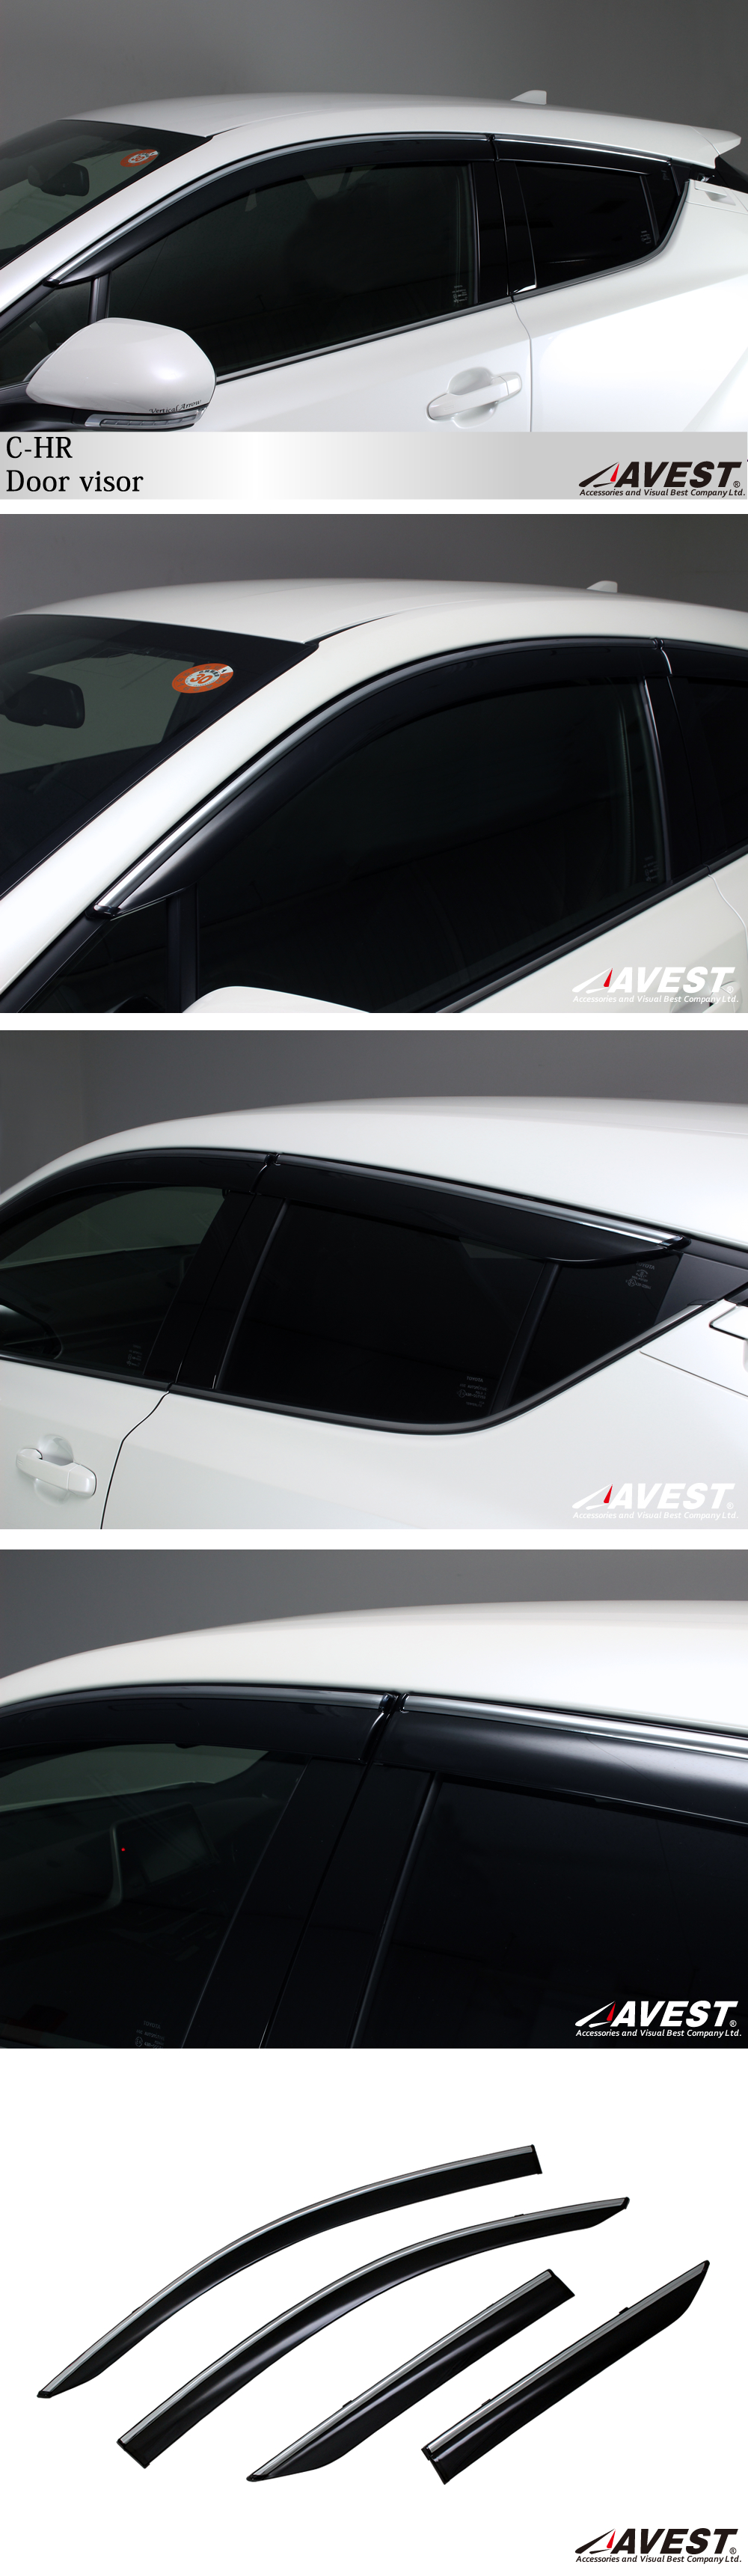 TOYOTA/C-HR/NGX50/ZYX10/テールランプ/ガーニッシュ/トヨタ/外装/メッキ/パーツ